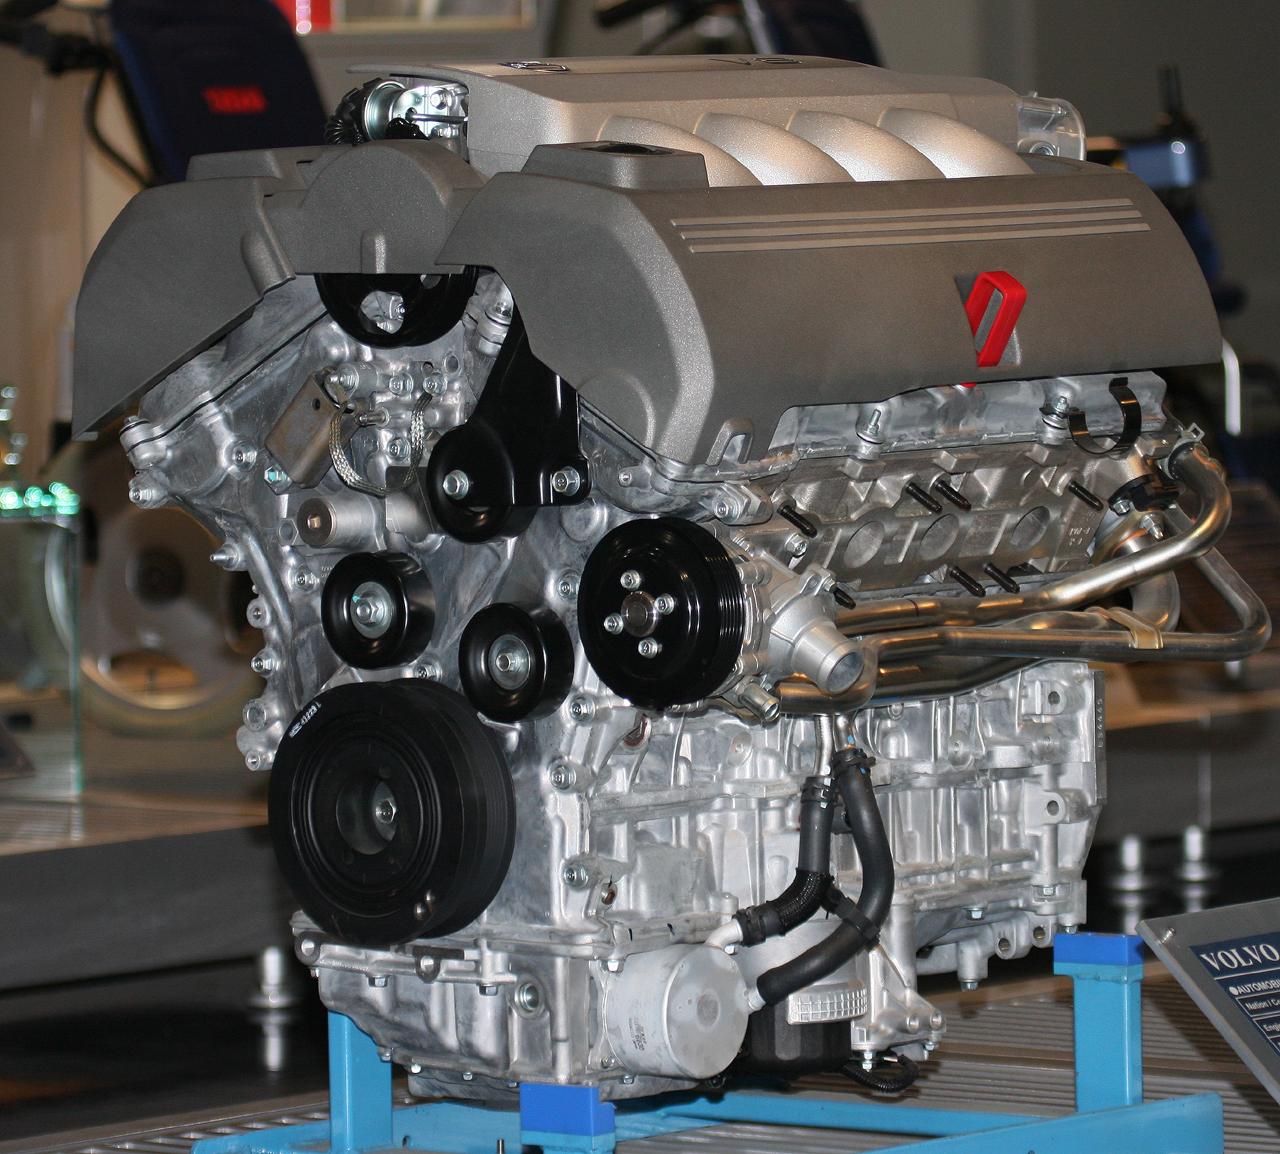 [DHAV_9290]  GW_9111] Volvo Xc90 Turbo Engine Diagram | Volvo Xc90 Turbo Engine Diagram |  | Abole Xeira Mohammedshrine Librar Wiring 101